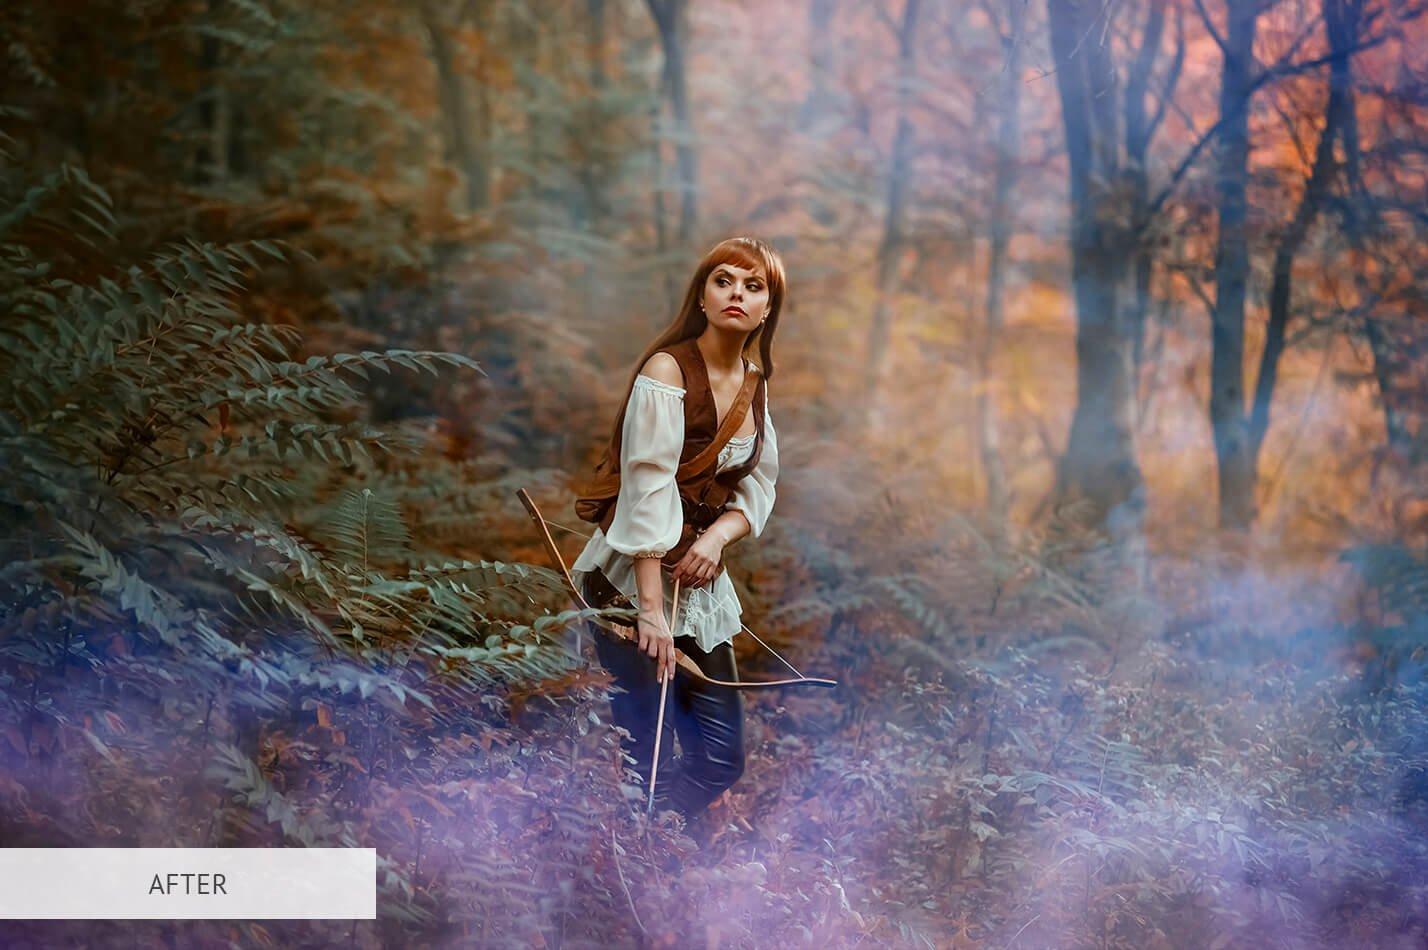 20款高清烟雾雾气效果PS叠加层PNG免抠图片素材 Smoke Overlays Photoshop插图(12)